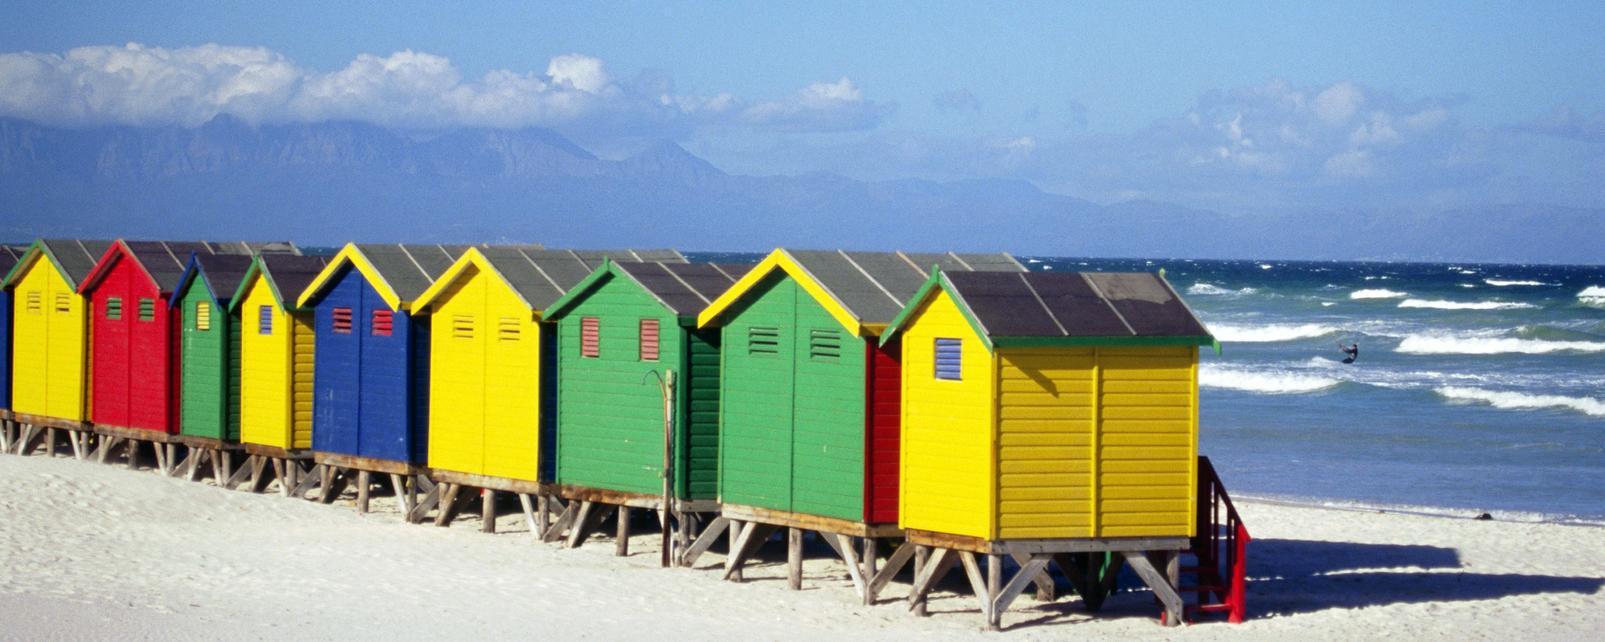 Le Cap, afrique, afrique du sud, plage, cabine, sable, océan, mer,